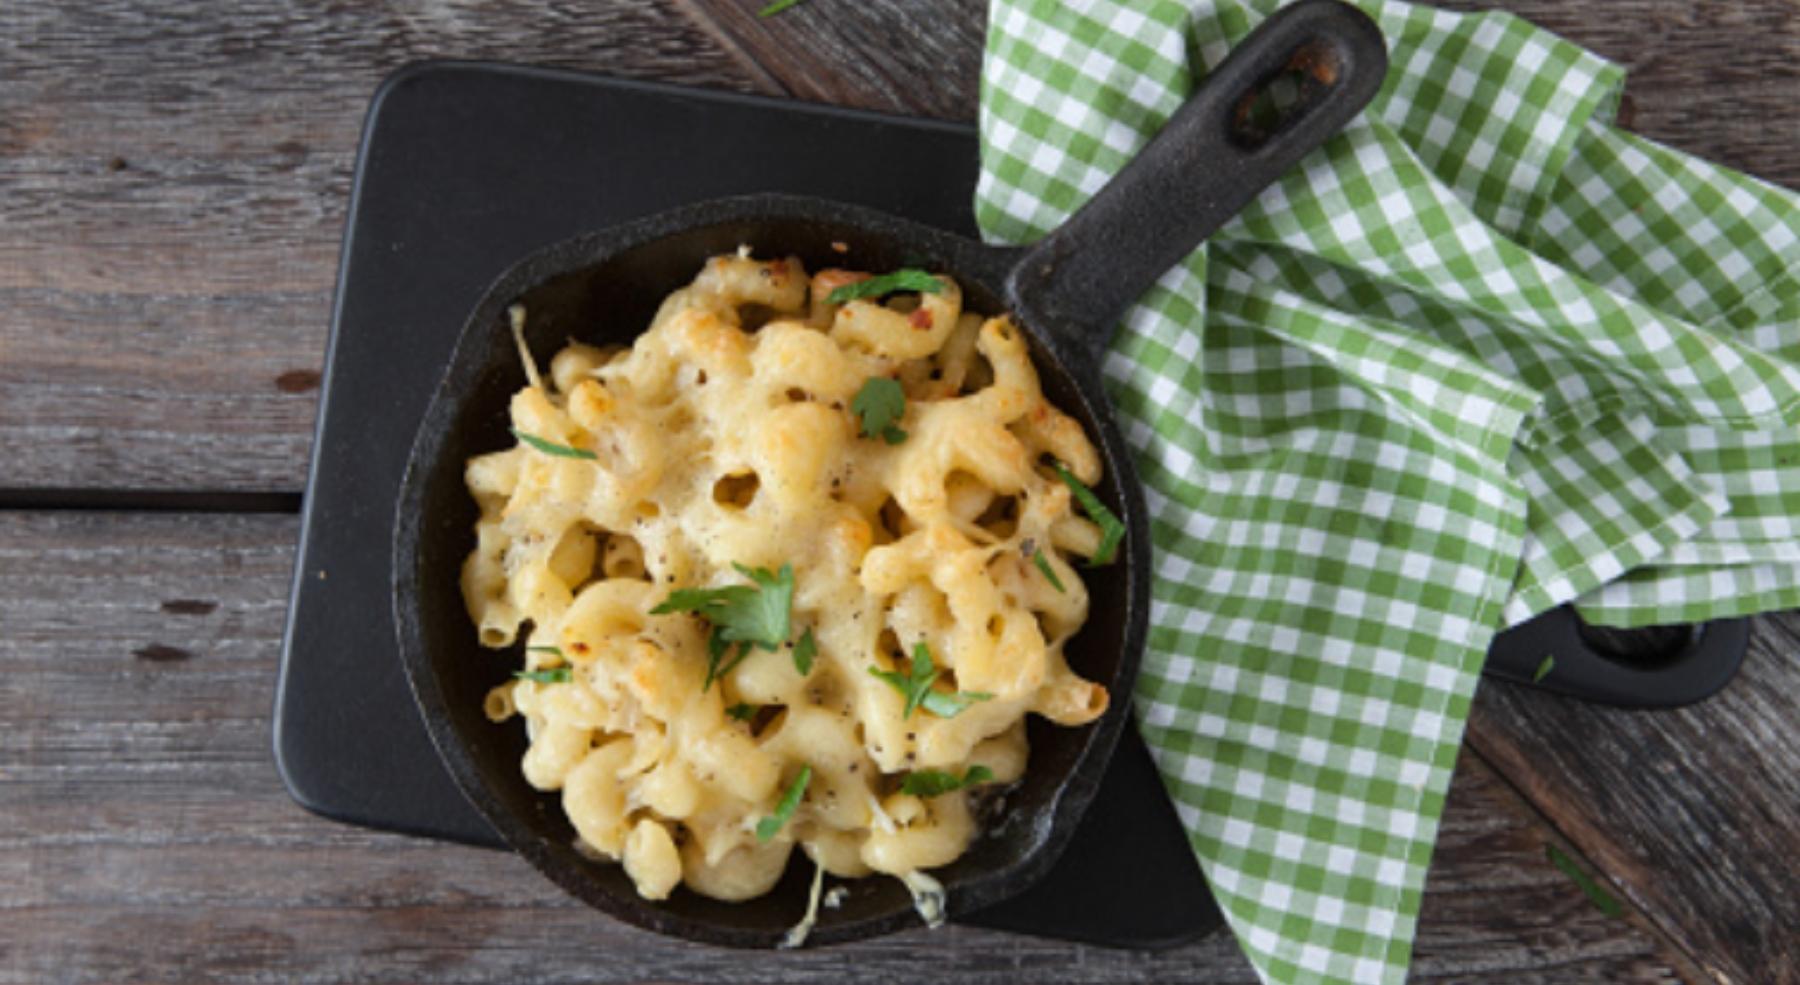 Mac and cheese, la auténtica receta americana para amantes del queso